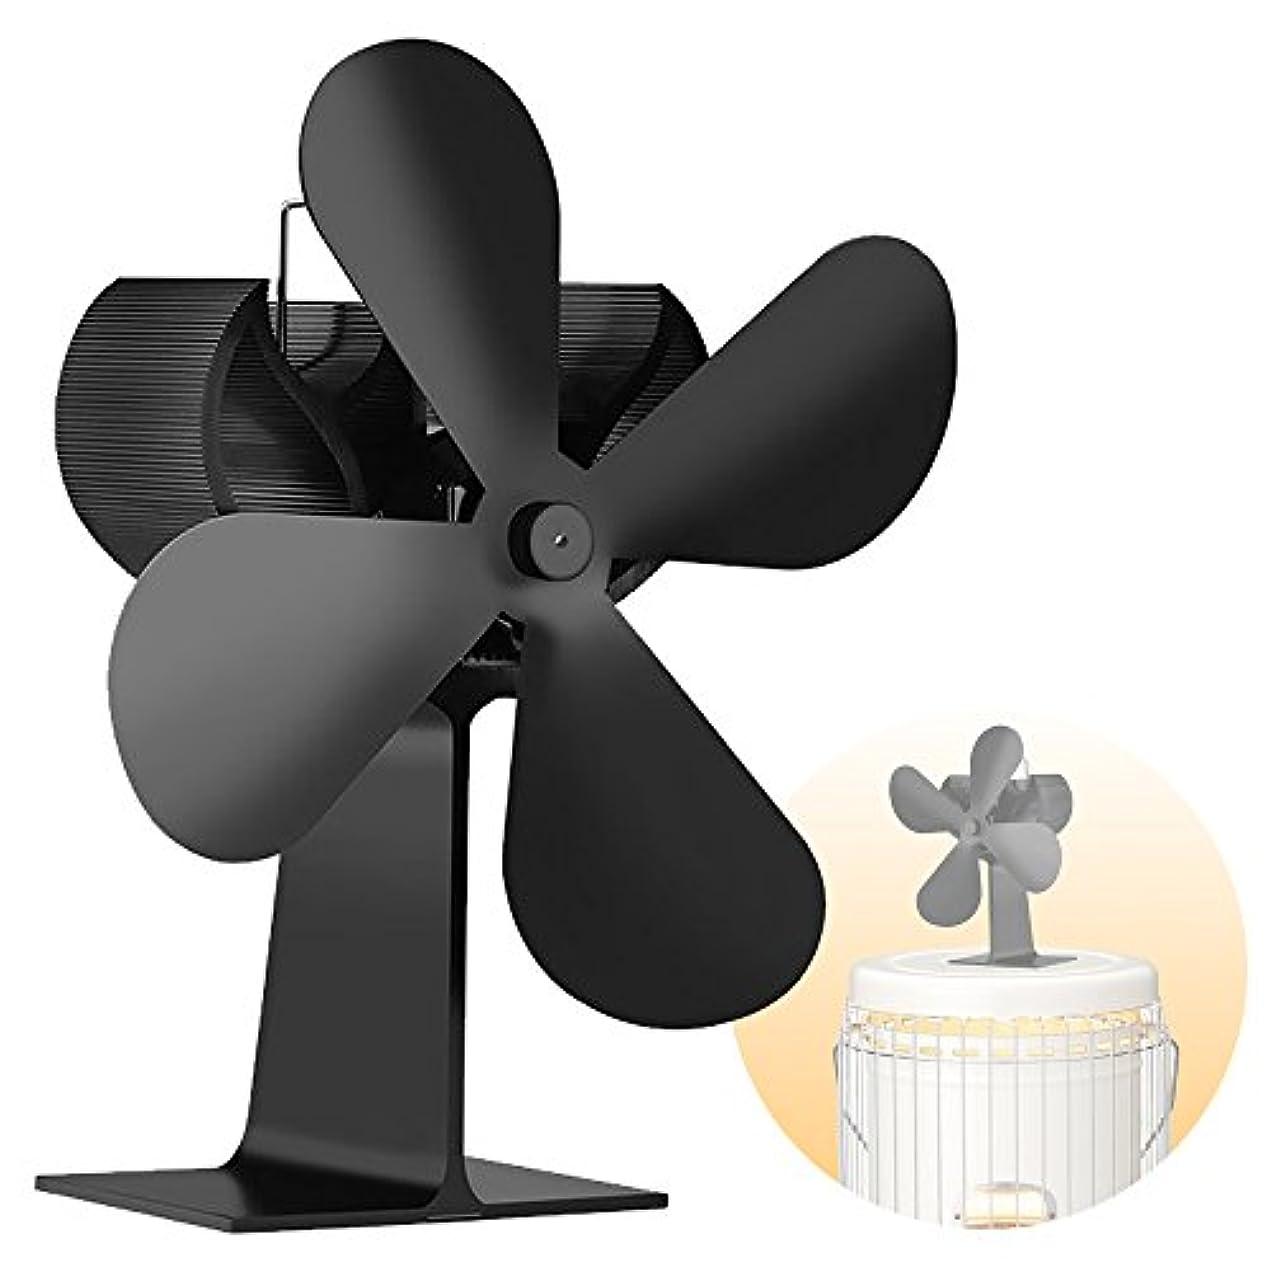 屋内で大きさたとえIQcharge 新型 COMPACT STOVE FAN <無電源式 ワイドブレード> 【対流式ストーブ/薪ストーブ/反射式ストーブ対応】 ホワイトフレーム/ブルーフレーム/レインボーフレーム 各種対応 ビンテージ アンティークデザイン 静音設計 ストーブファン